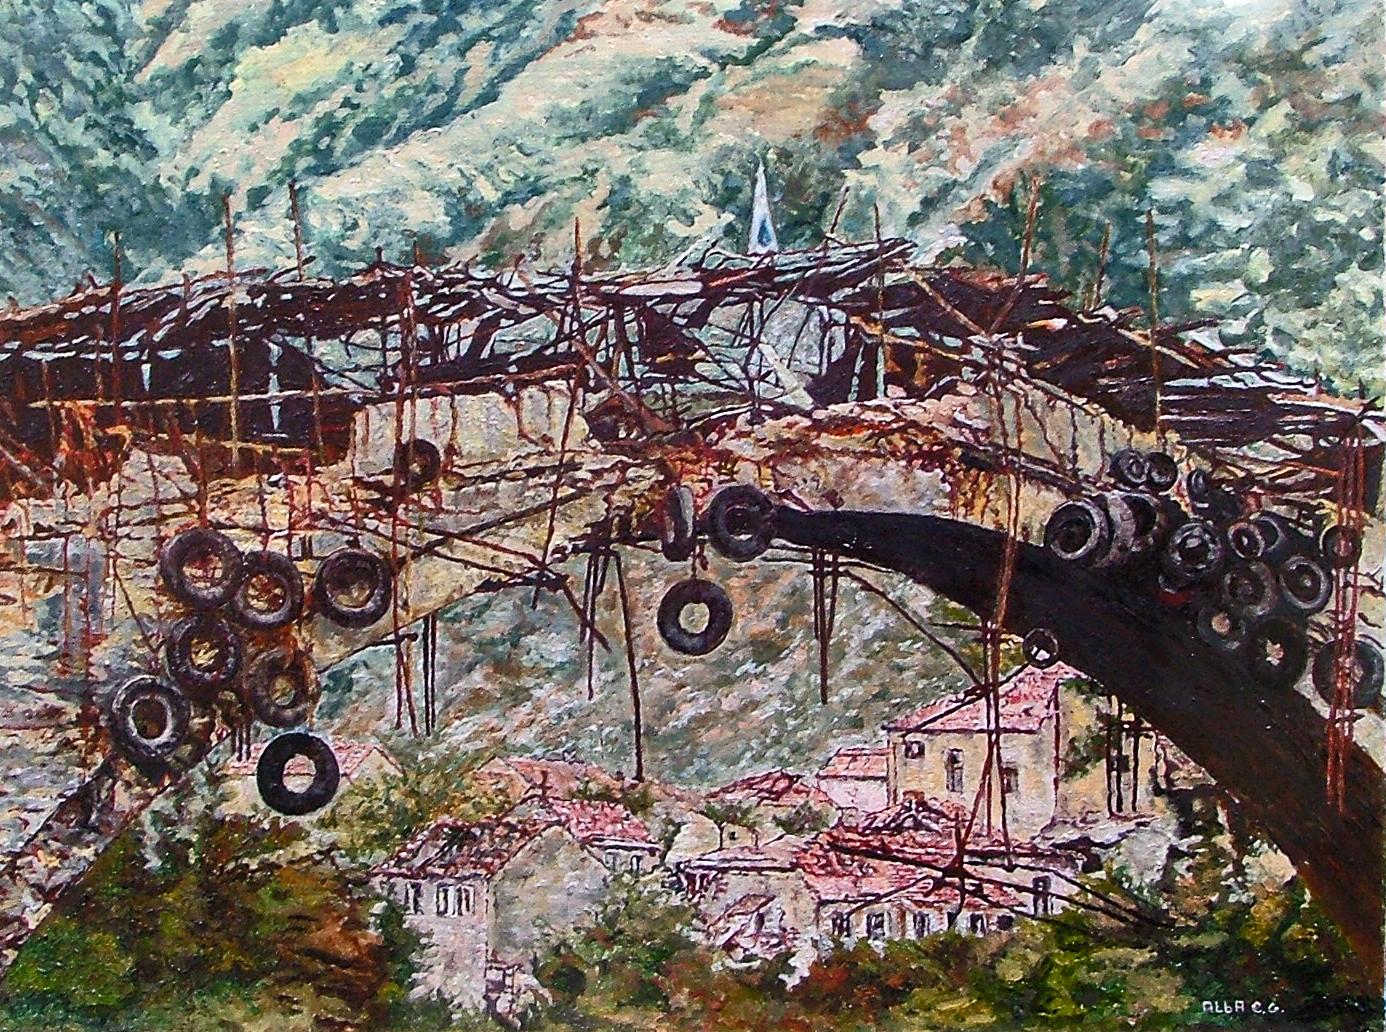 Ponte di mostar alba chiodi opera celeste network for Disegni di ponte anteriore